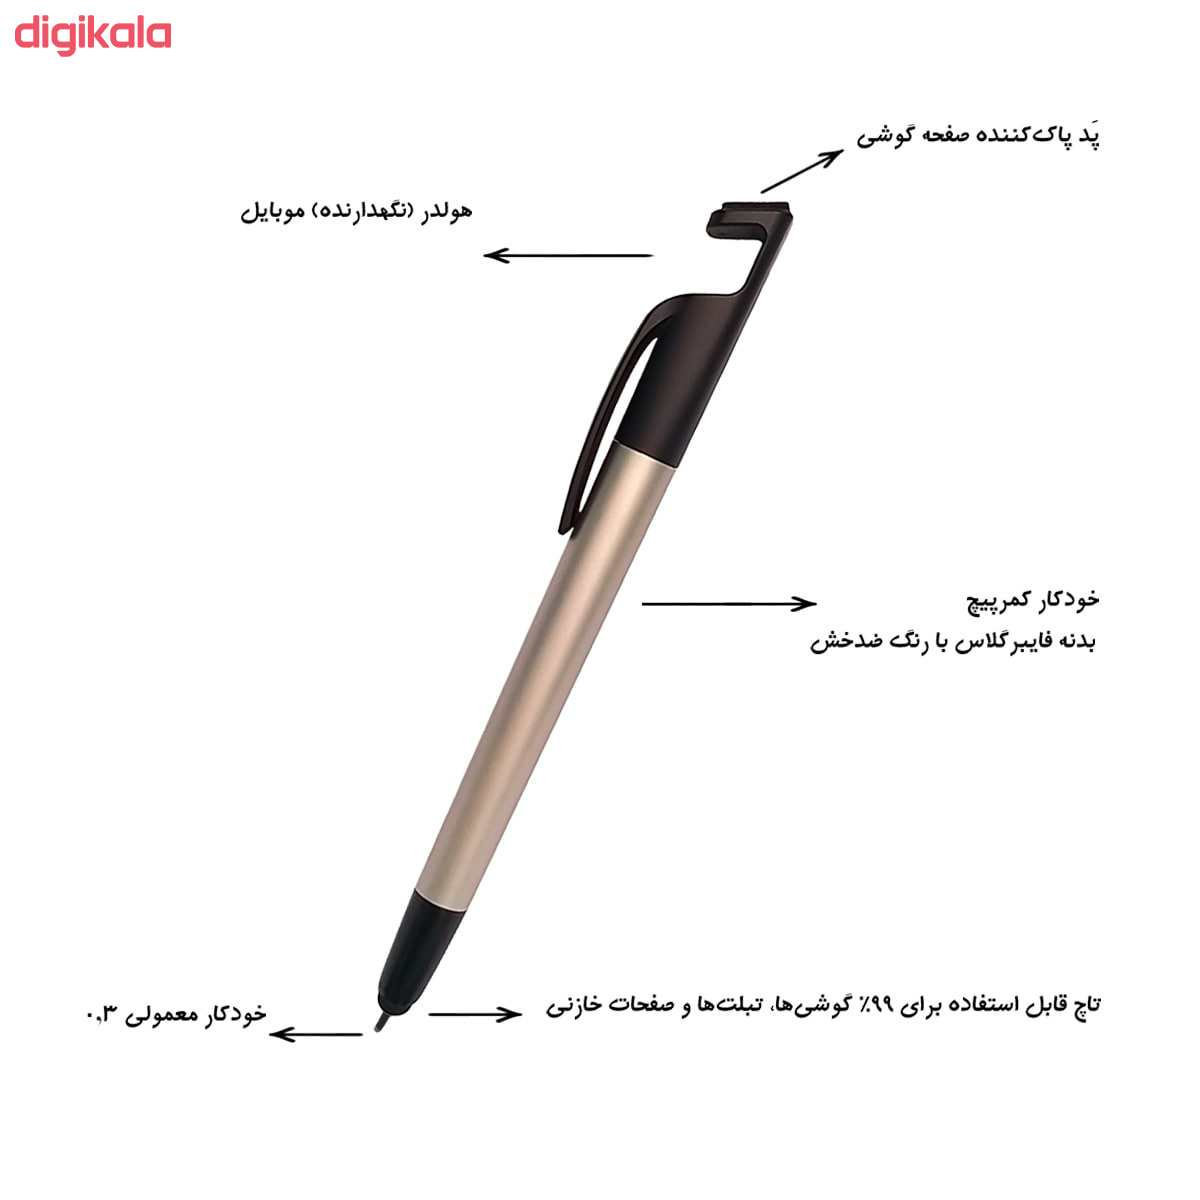 قلم لمسی و پایه نگهدارنده موبایل مدل SKJMRJNQ002369 main 1 12